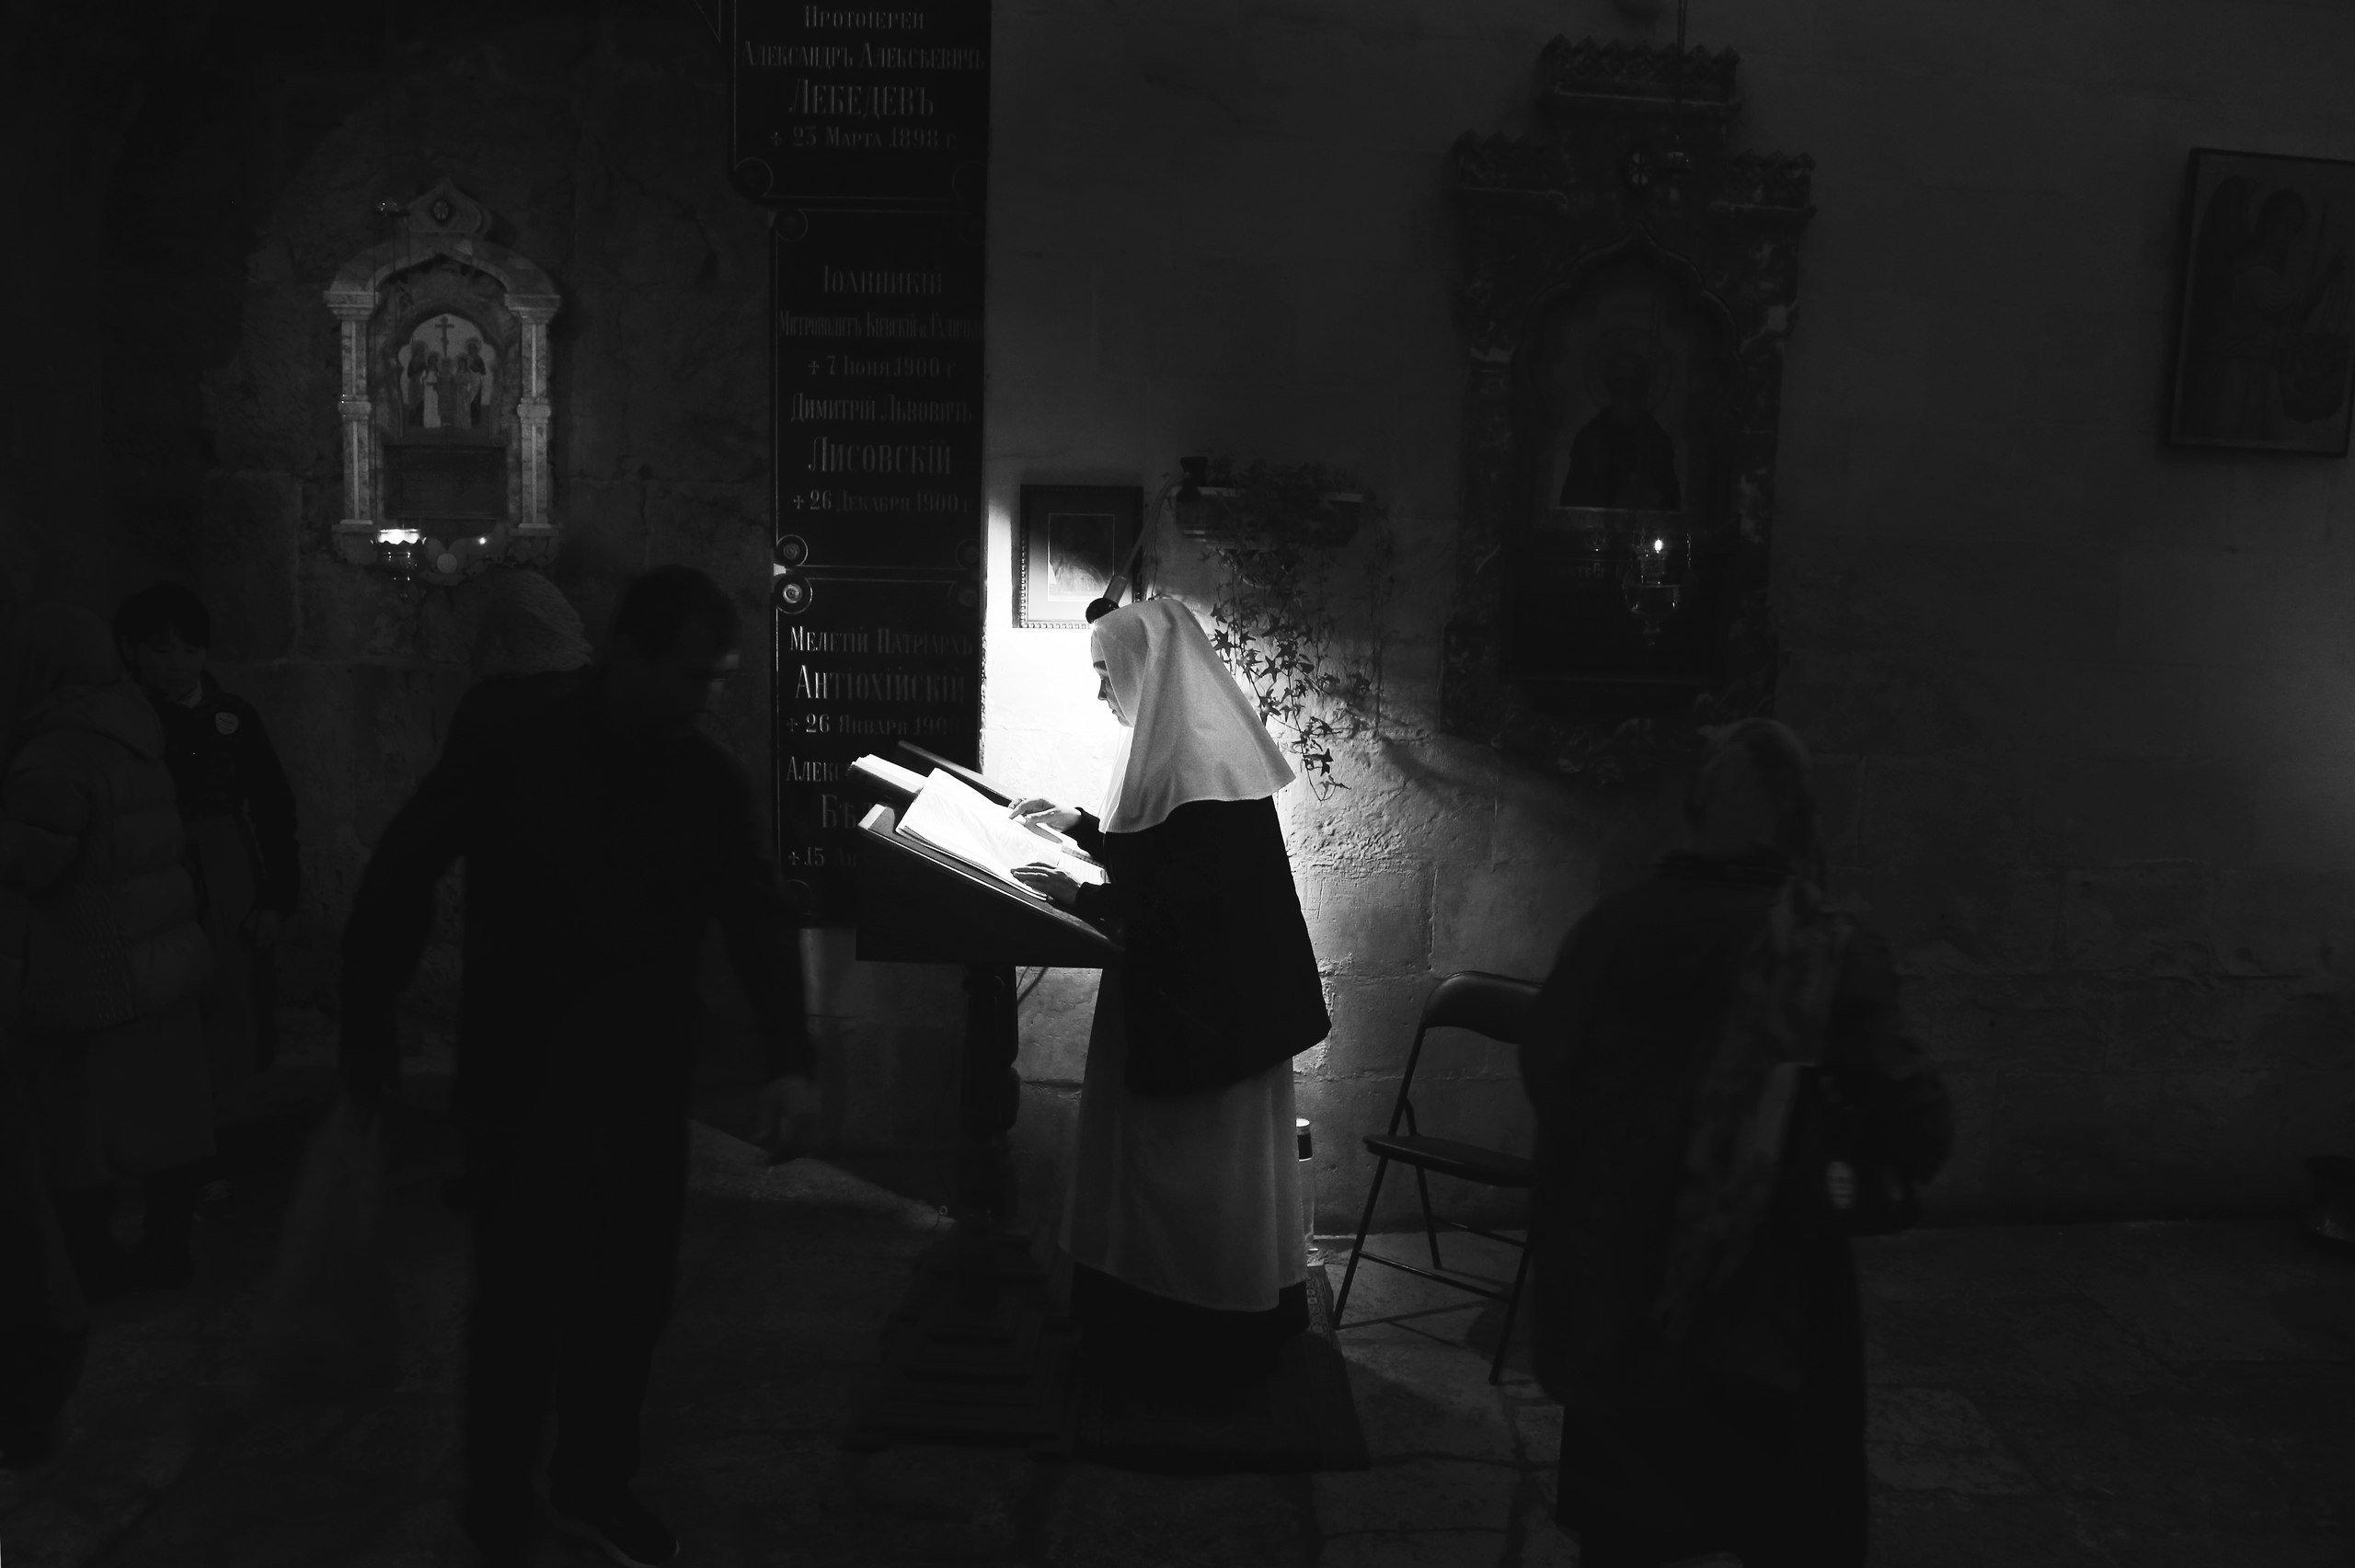 Фотография из экспозиции Глазами Иерусалима